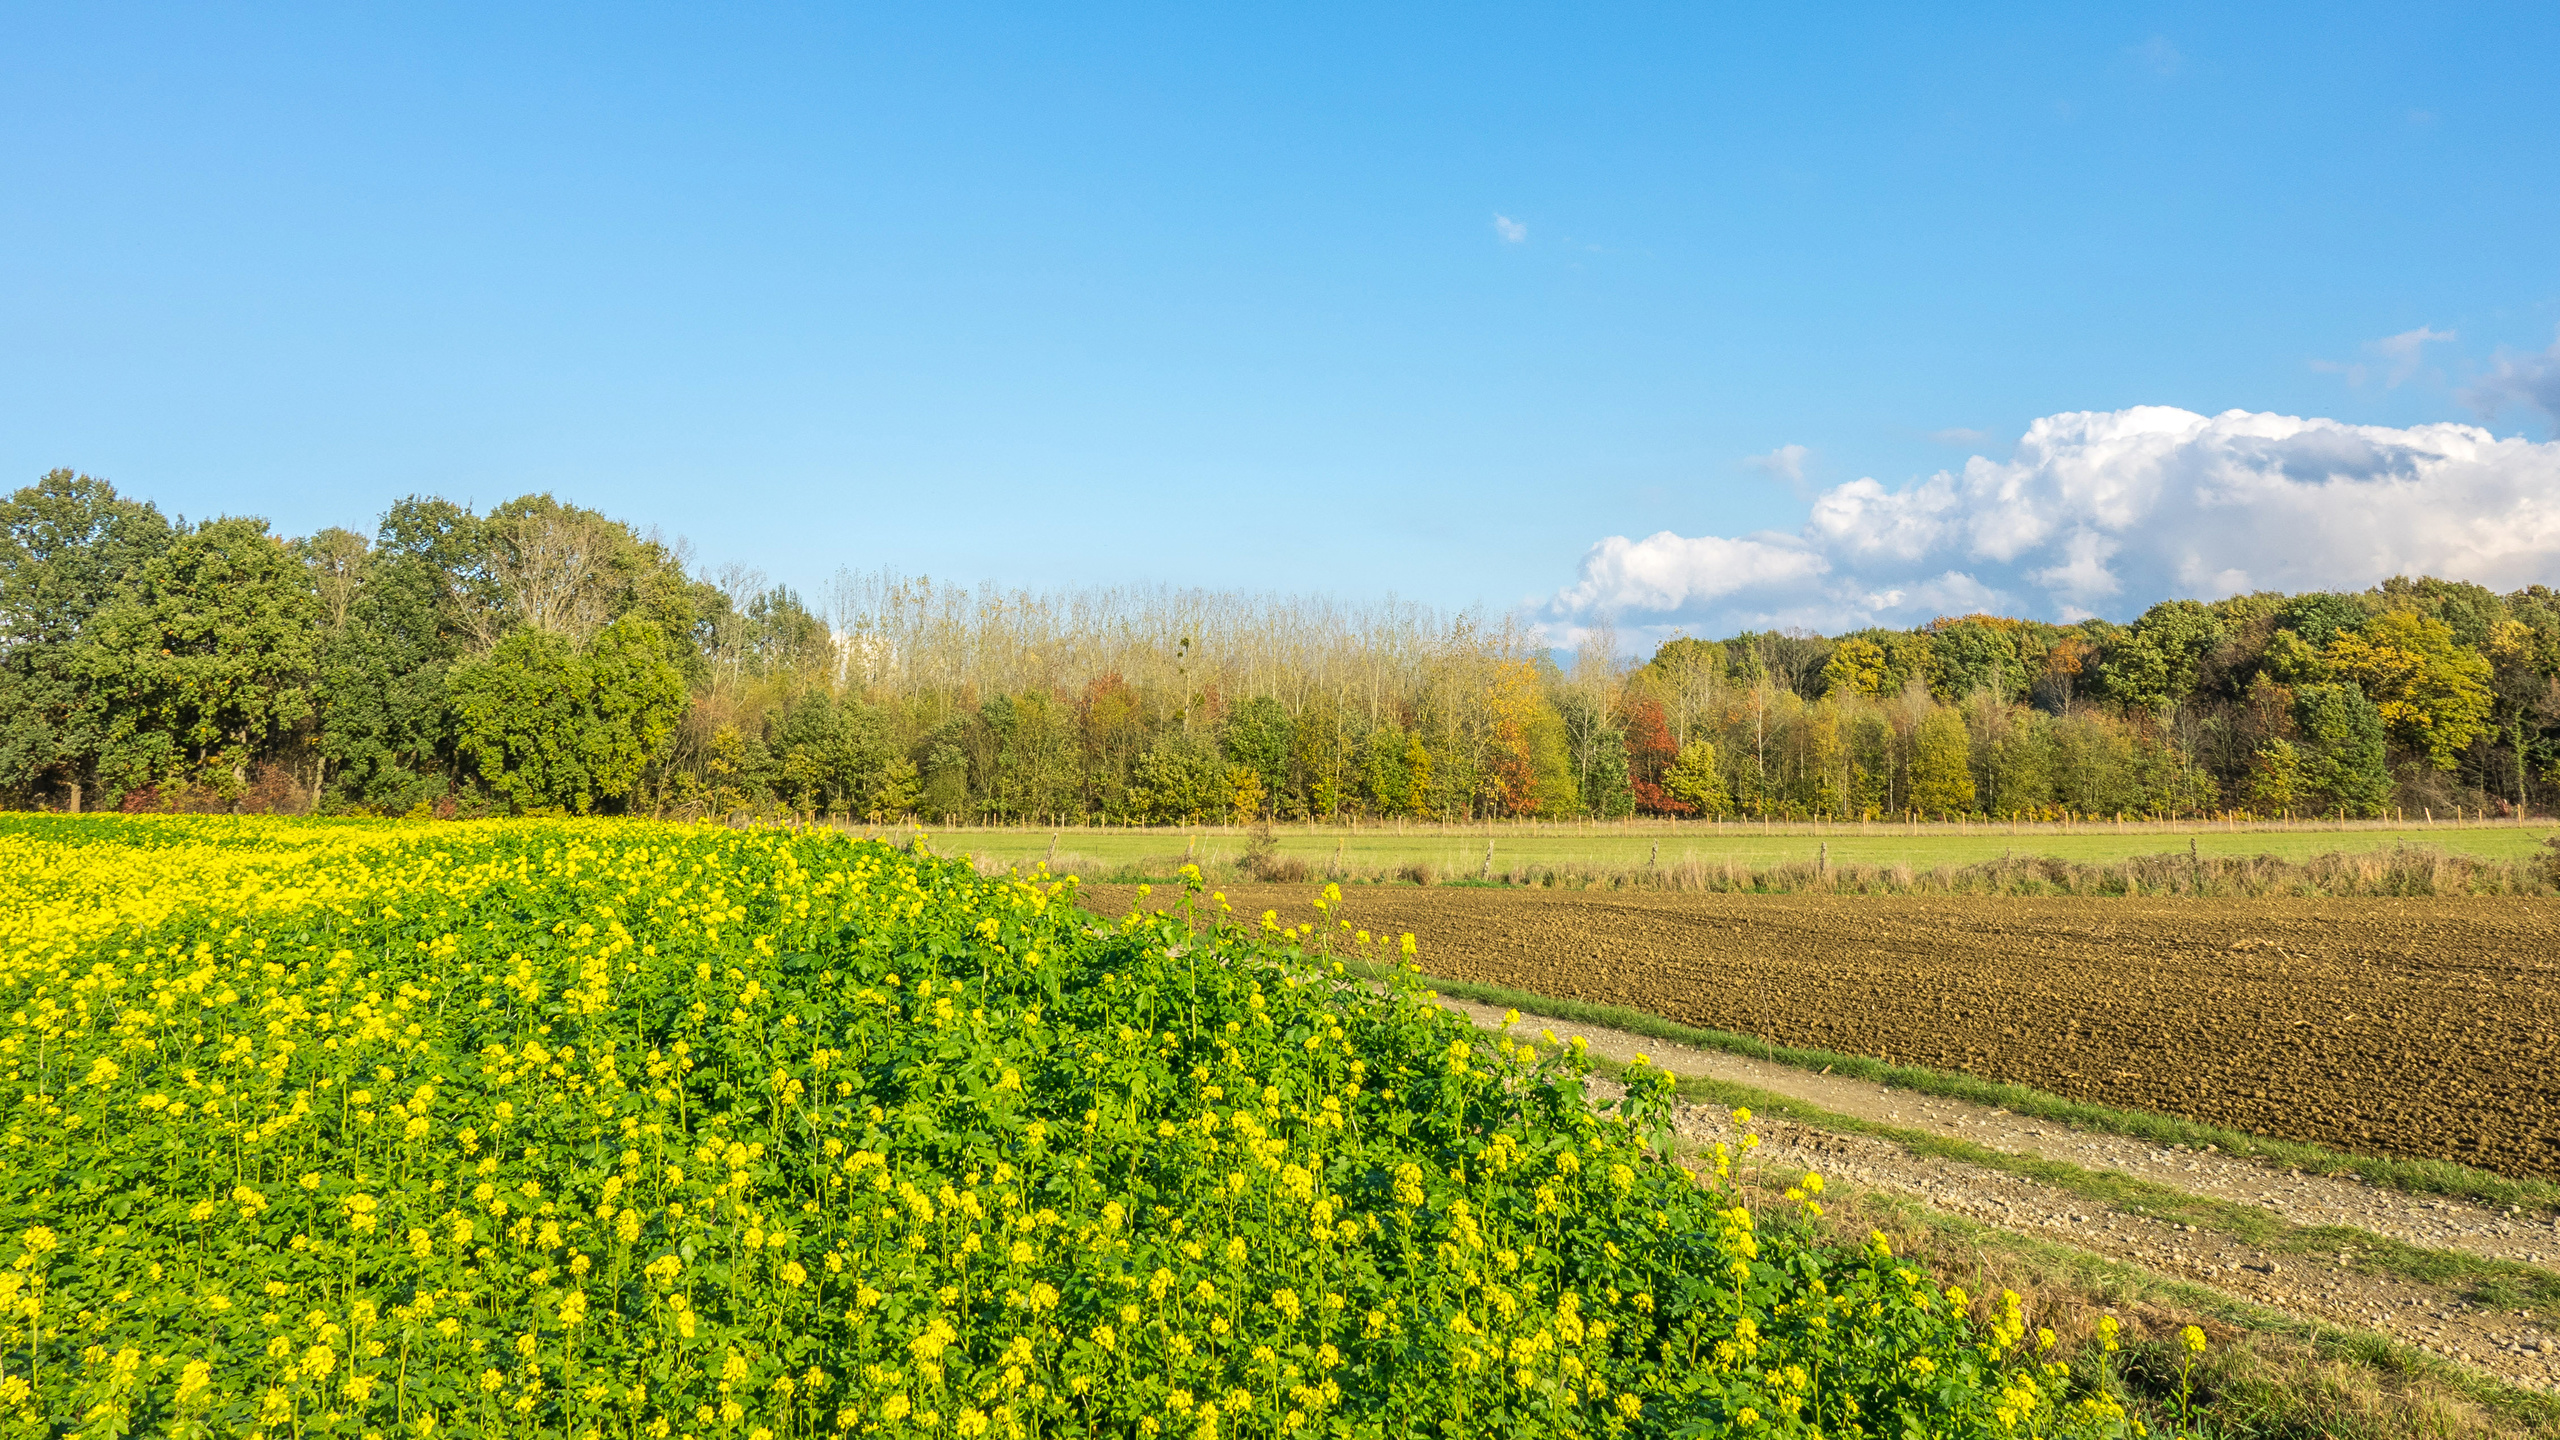 Фотография Бельгия Houwaart Vlaams Brabant Природа весенние Поля 2560x1440 Весна